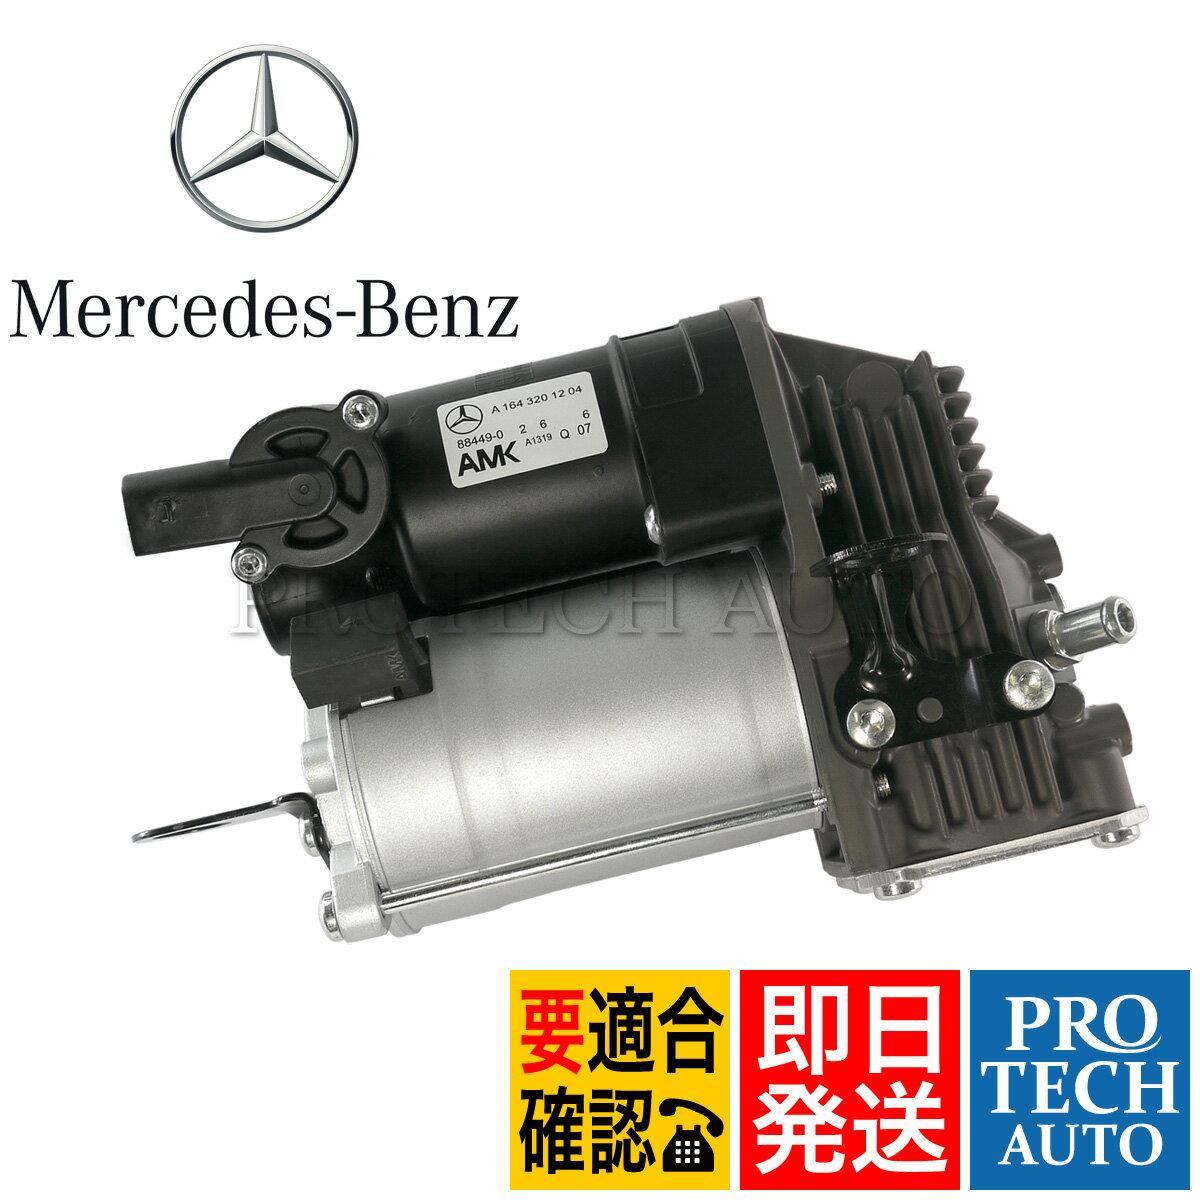 純正 ベンツ W164 X164 エアサスコンプレッサー/エアサスポンプ 1643201204 ML350 ML500 ML550 ML63AMG GL550【あす楽対応】